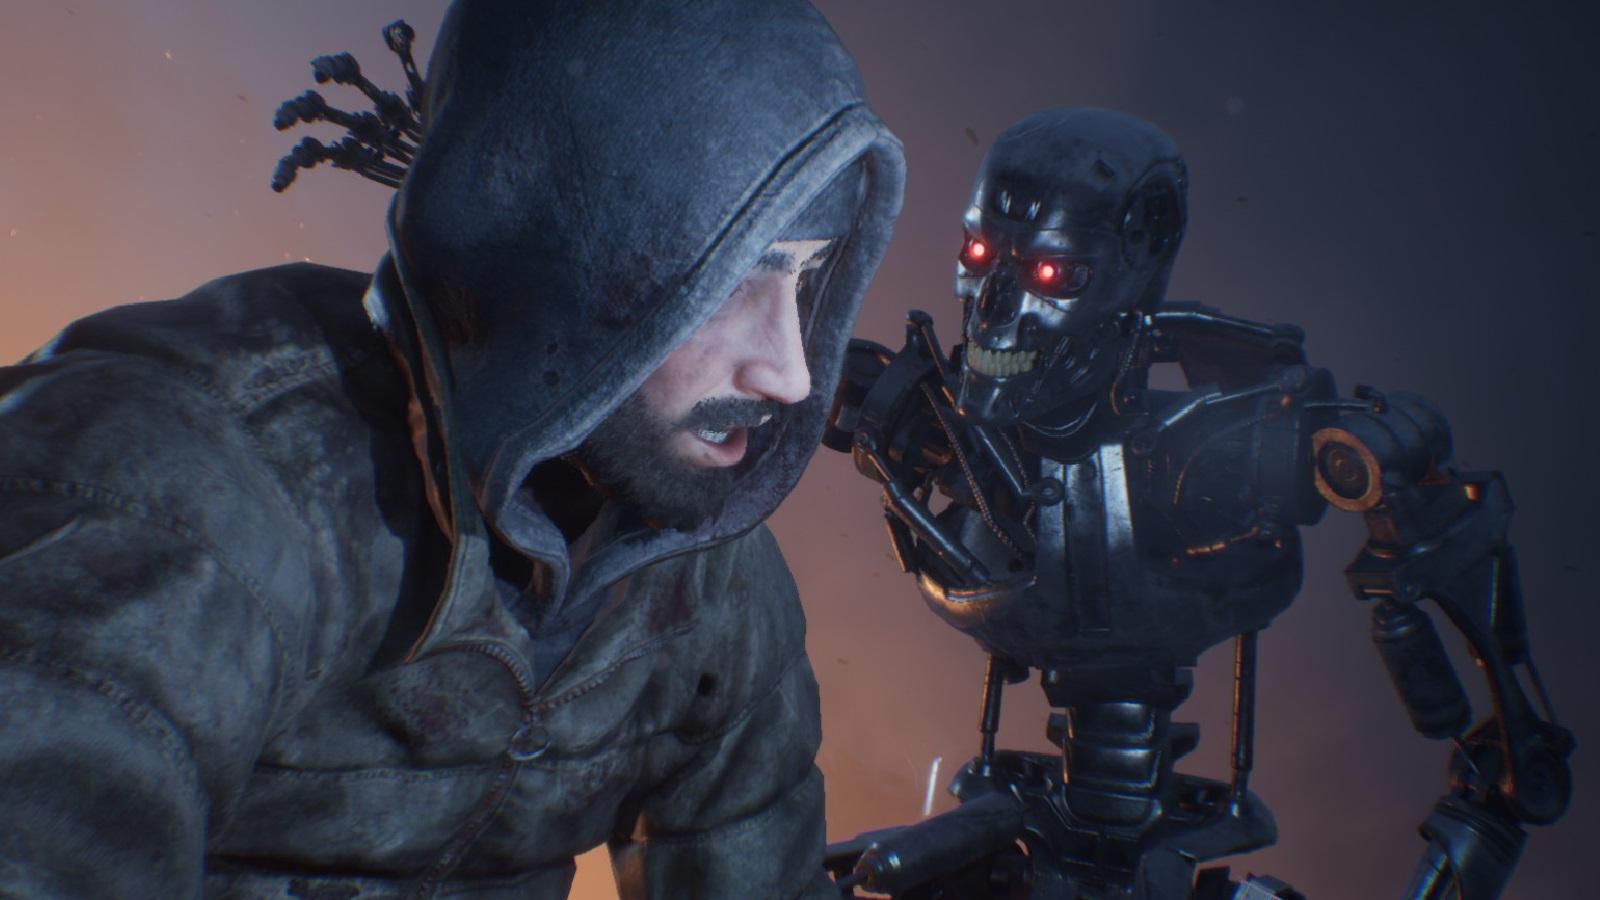 Создатели Terminator: Resistance предупредили о возможной задержке улучшенного издания игры для PS5